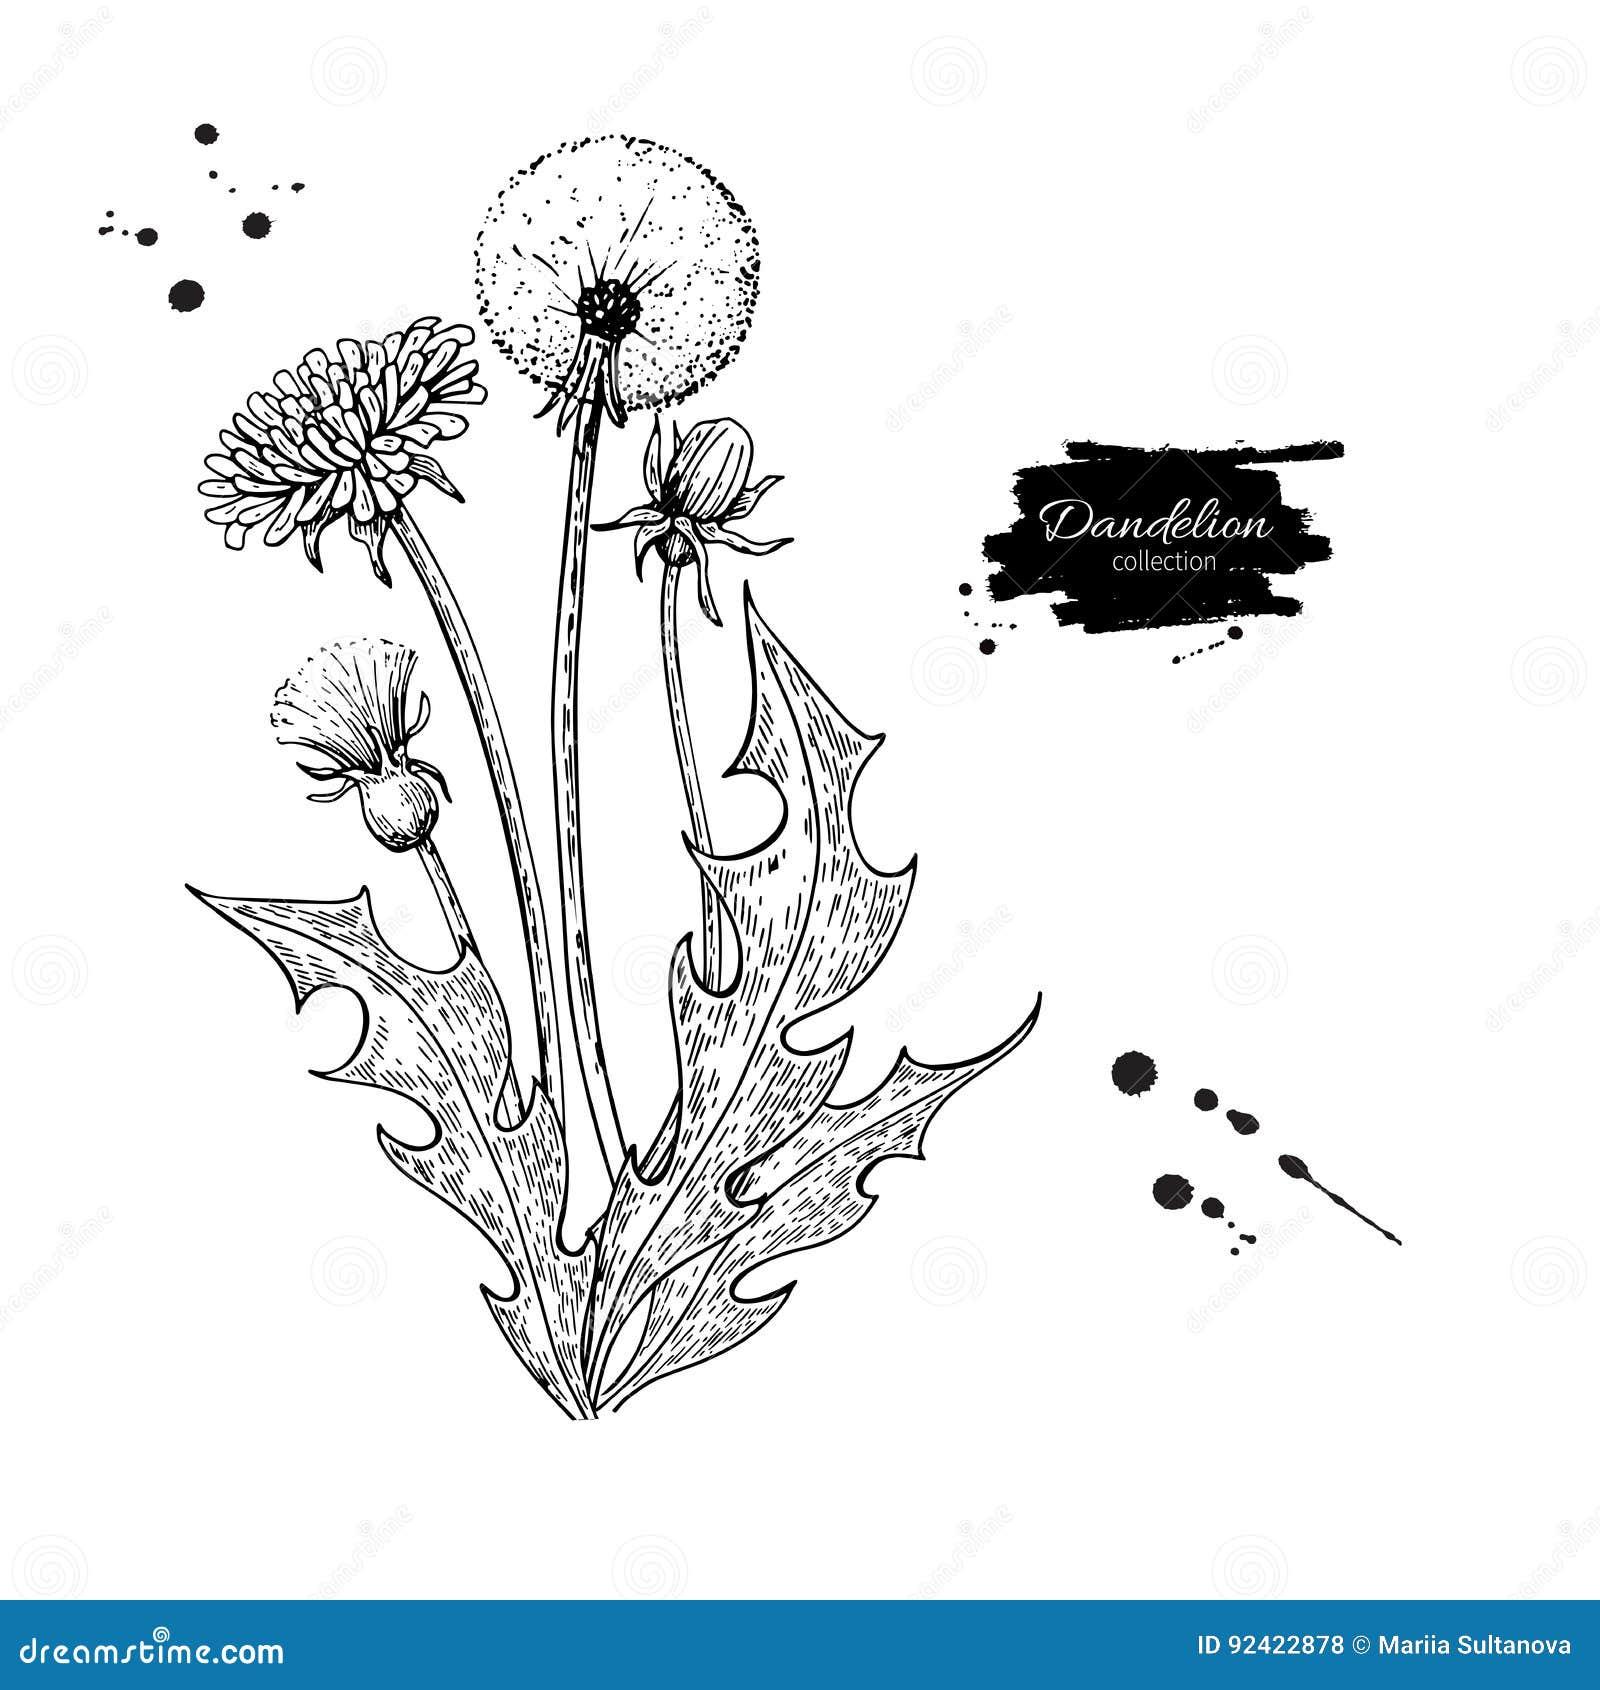 蒲公英花传染媒介图画集合 被隔绝的野生植物和叶子 草本被刻记的样式